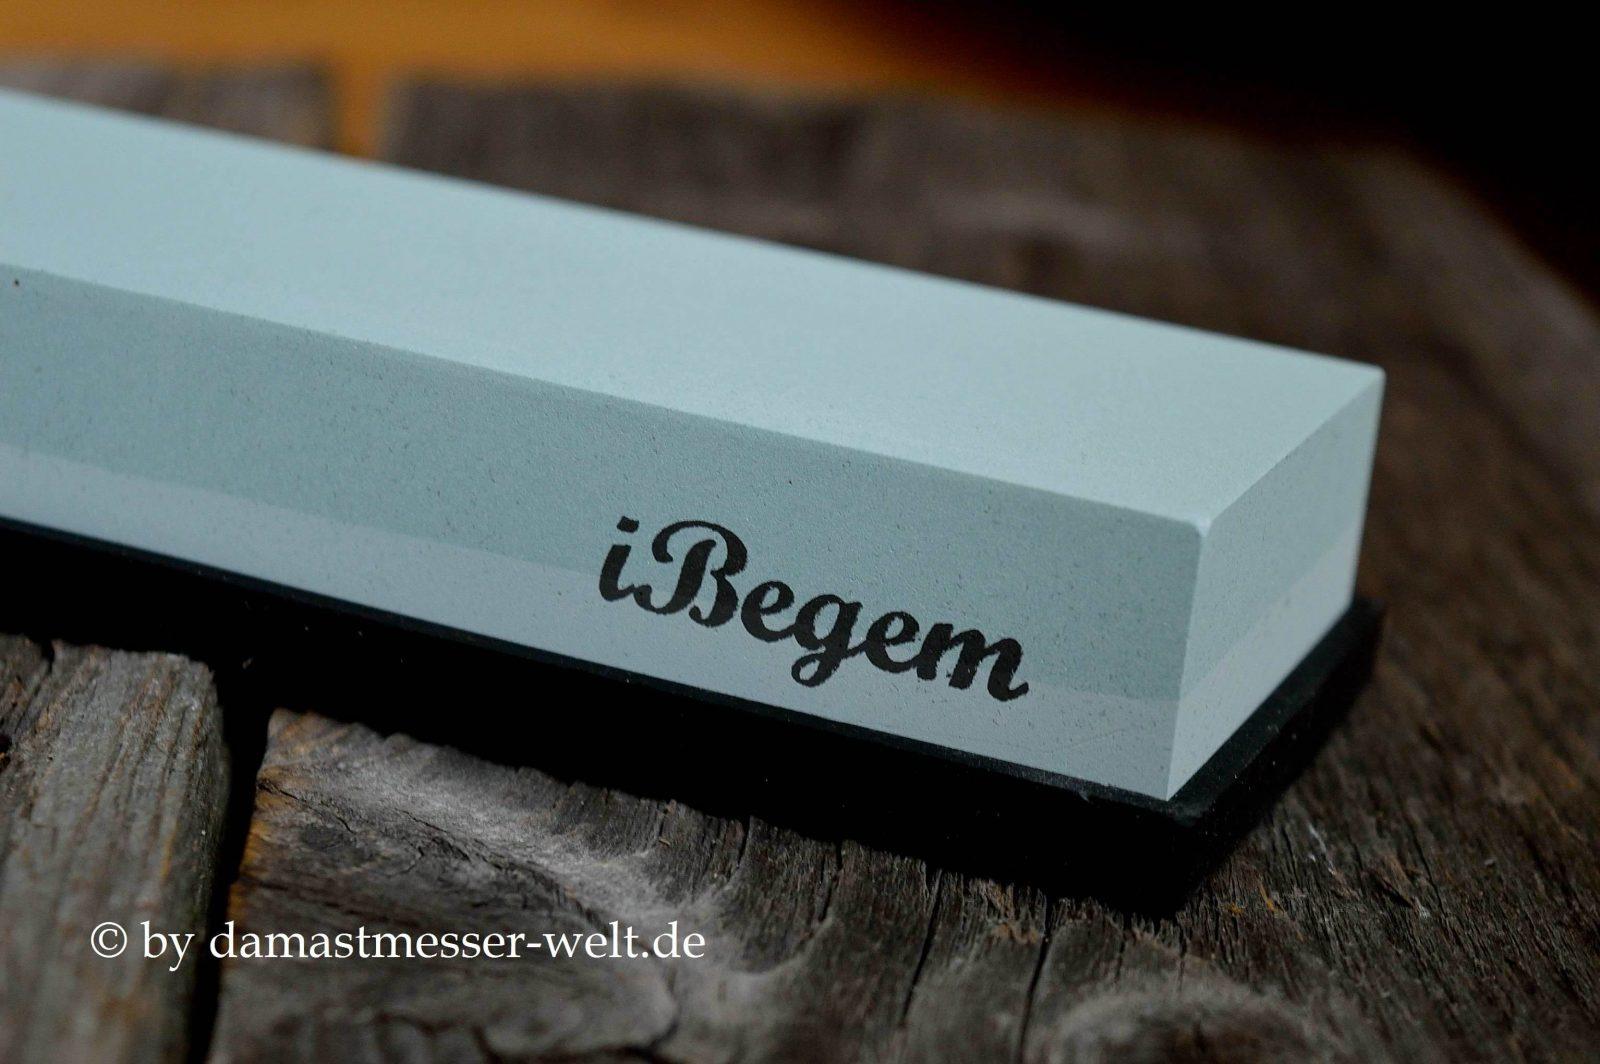 ibegem schleifstein wetzstein 400 1000 f r. Black Bedroom Furniture Sets. Home Design Ideas